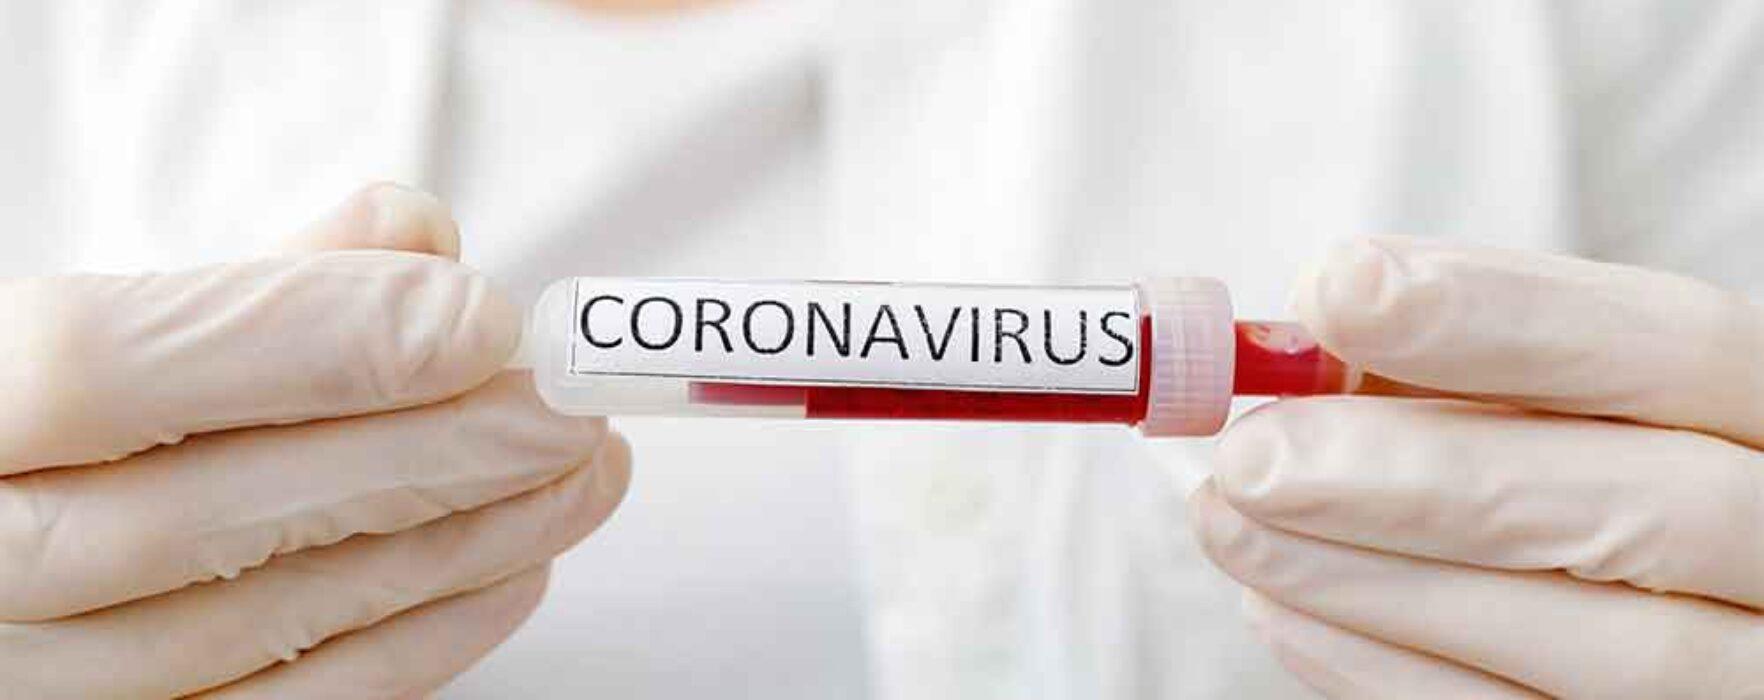 Dâmboviţa: Al doilea deces din cauza coronavirusului în judeţ – bărbat, 56 de ani (2 aprilie)